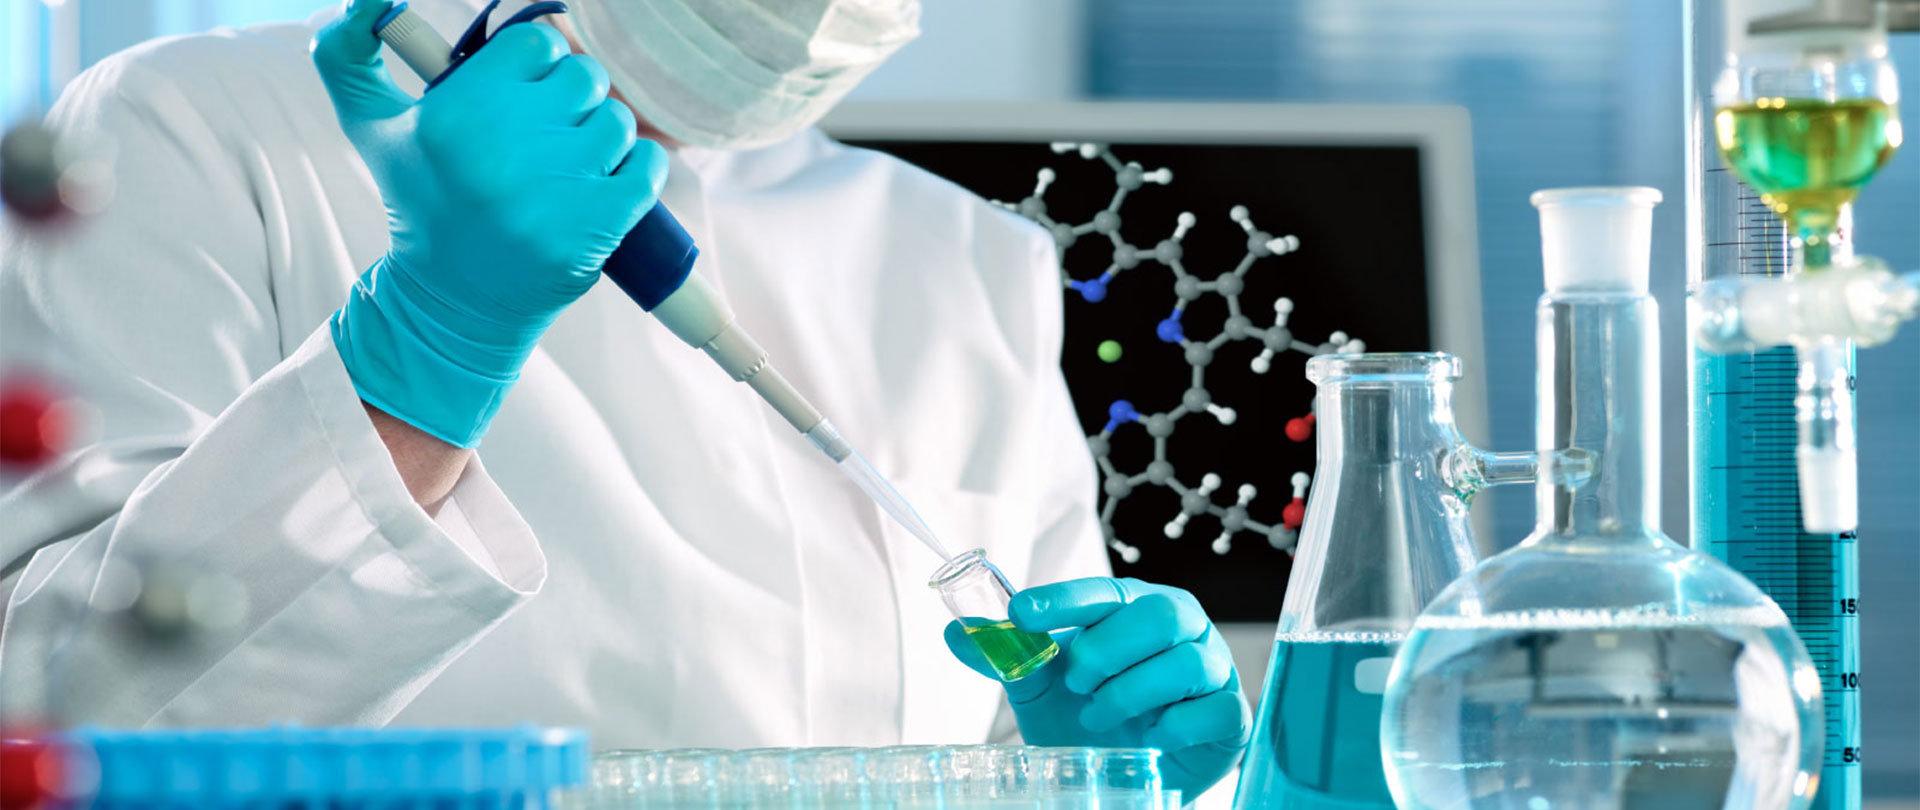 Autorizan fármaco contra el cáncer por su acción molecular...